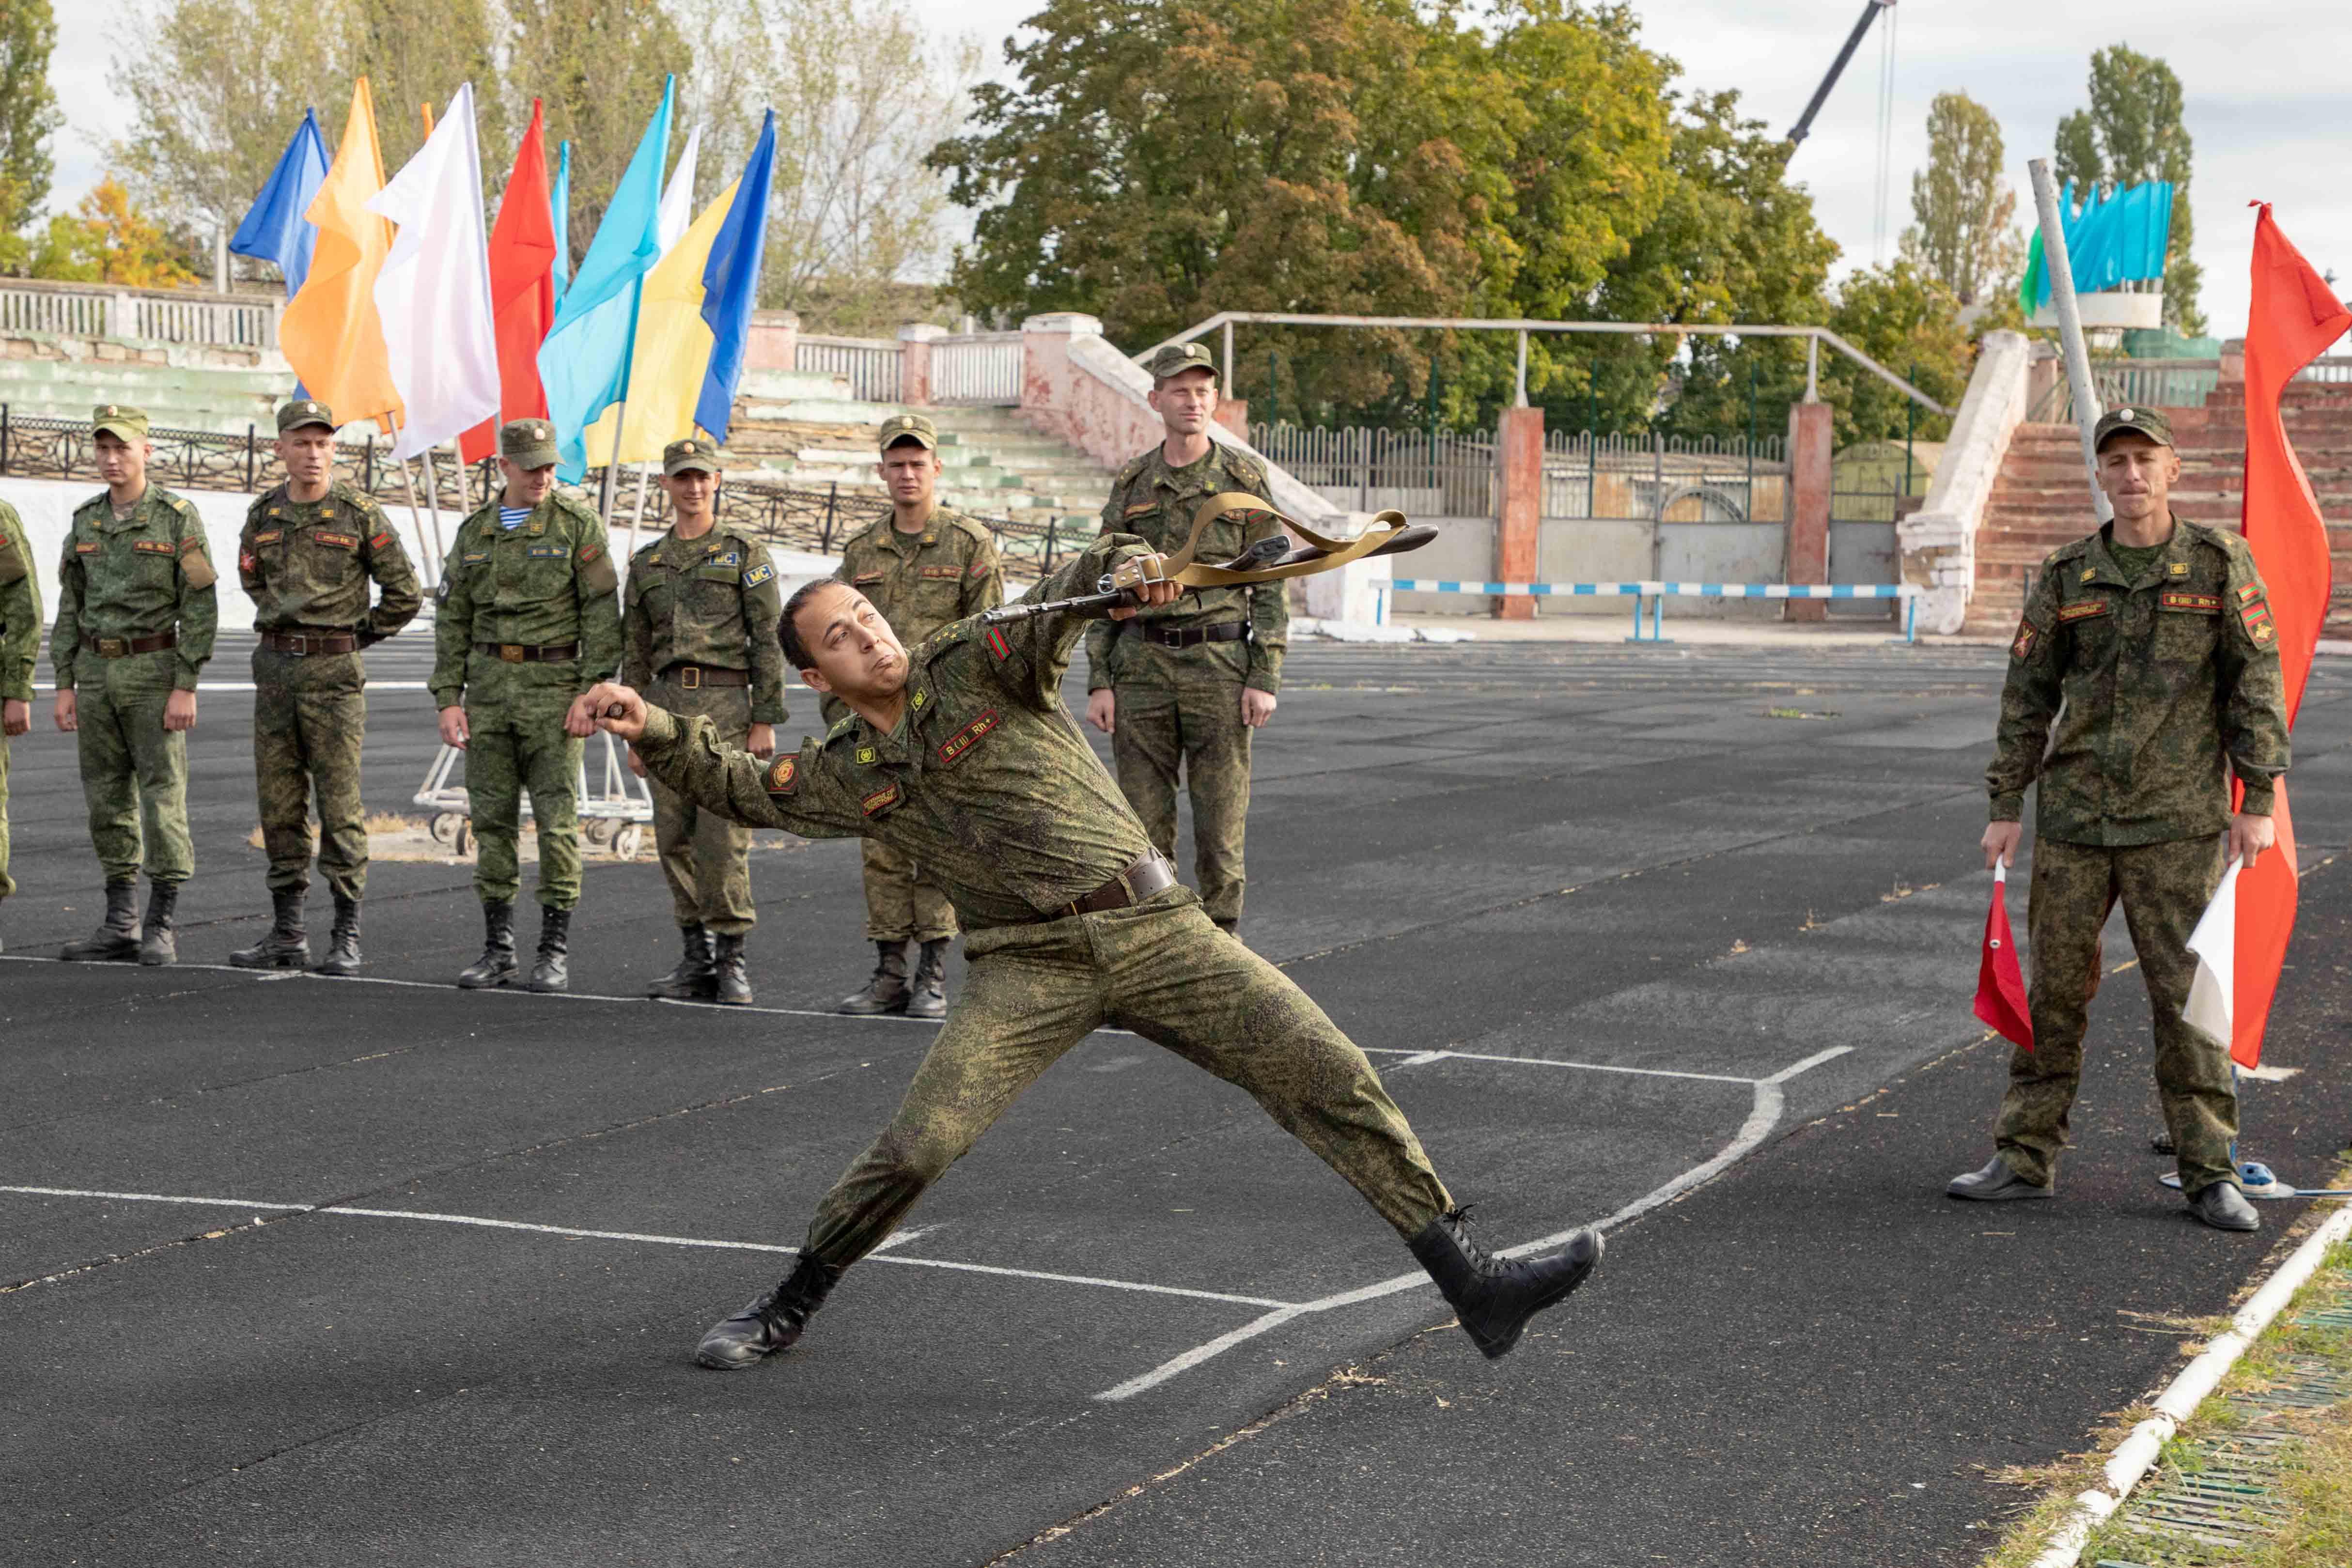 Спорт в армии картинки